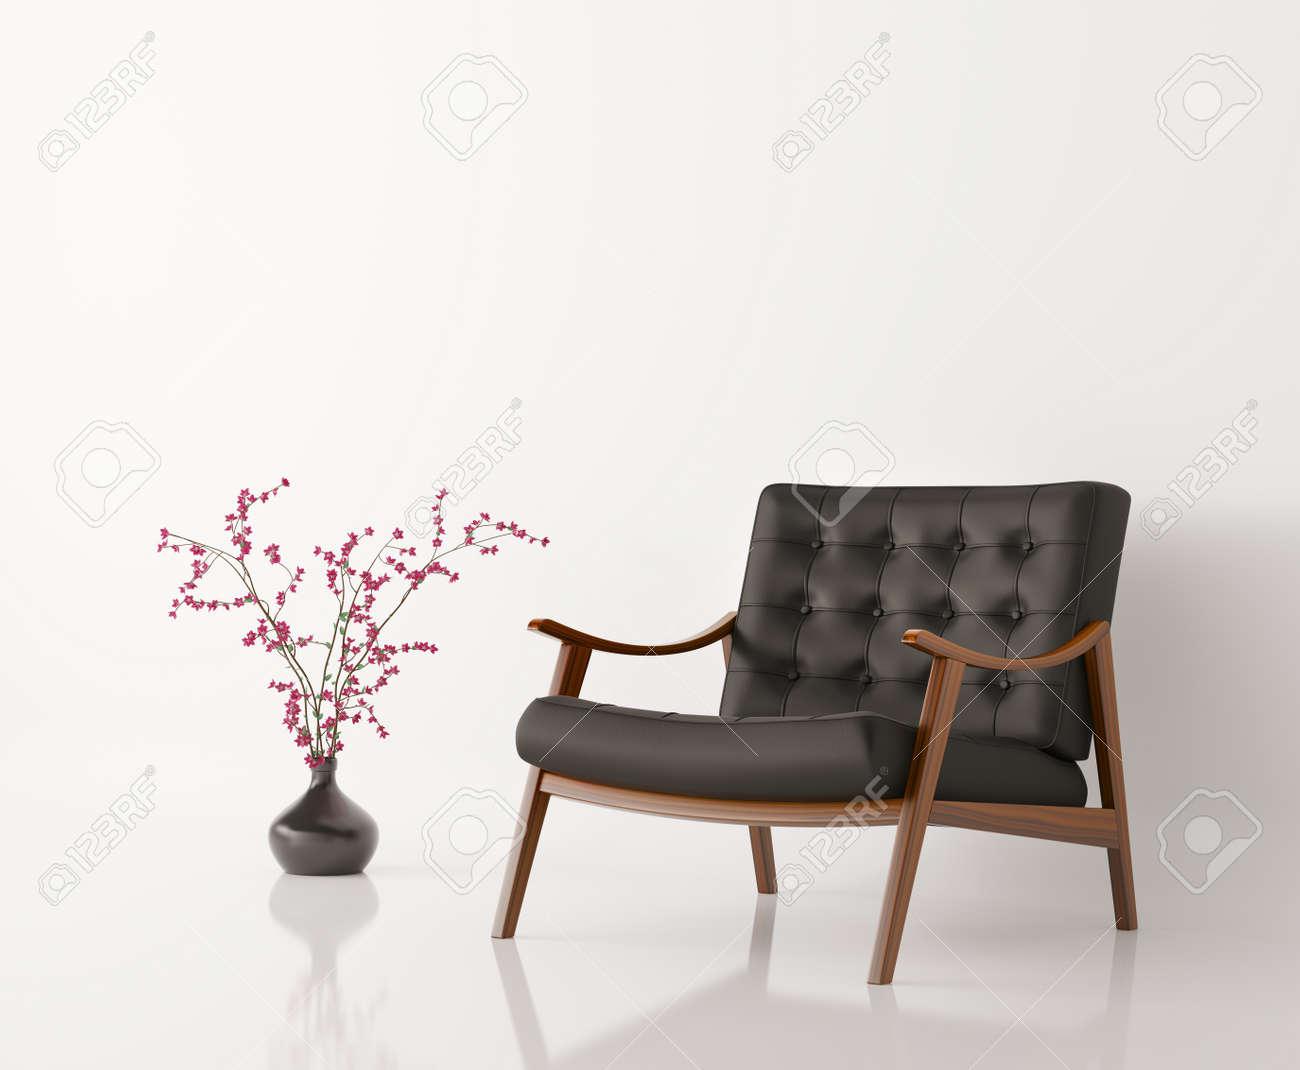 Zwart lederen fauteuil en bloem vaas tegen witte muur geïsoleerde